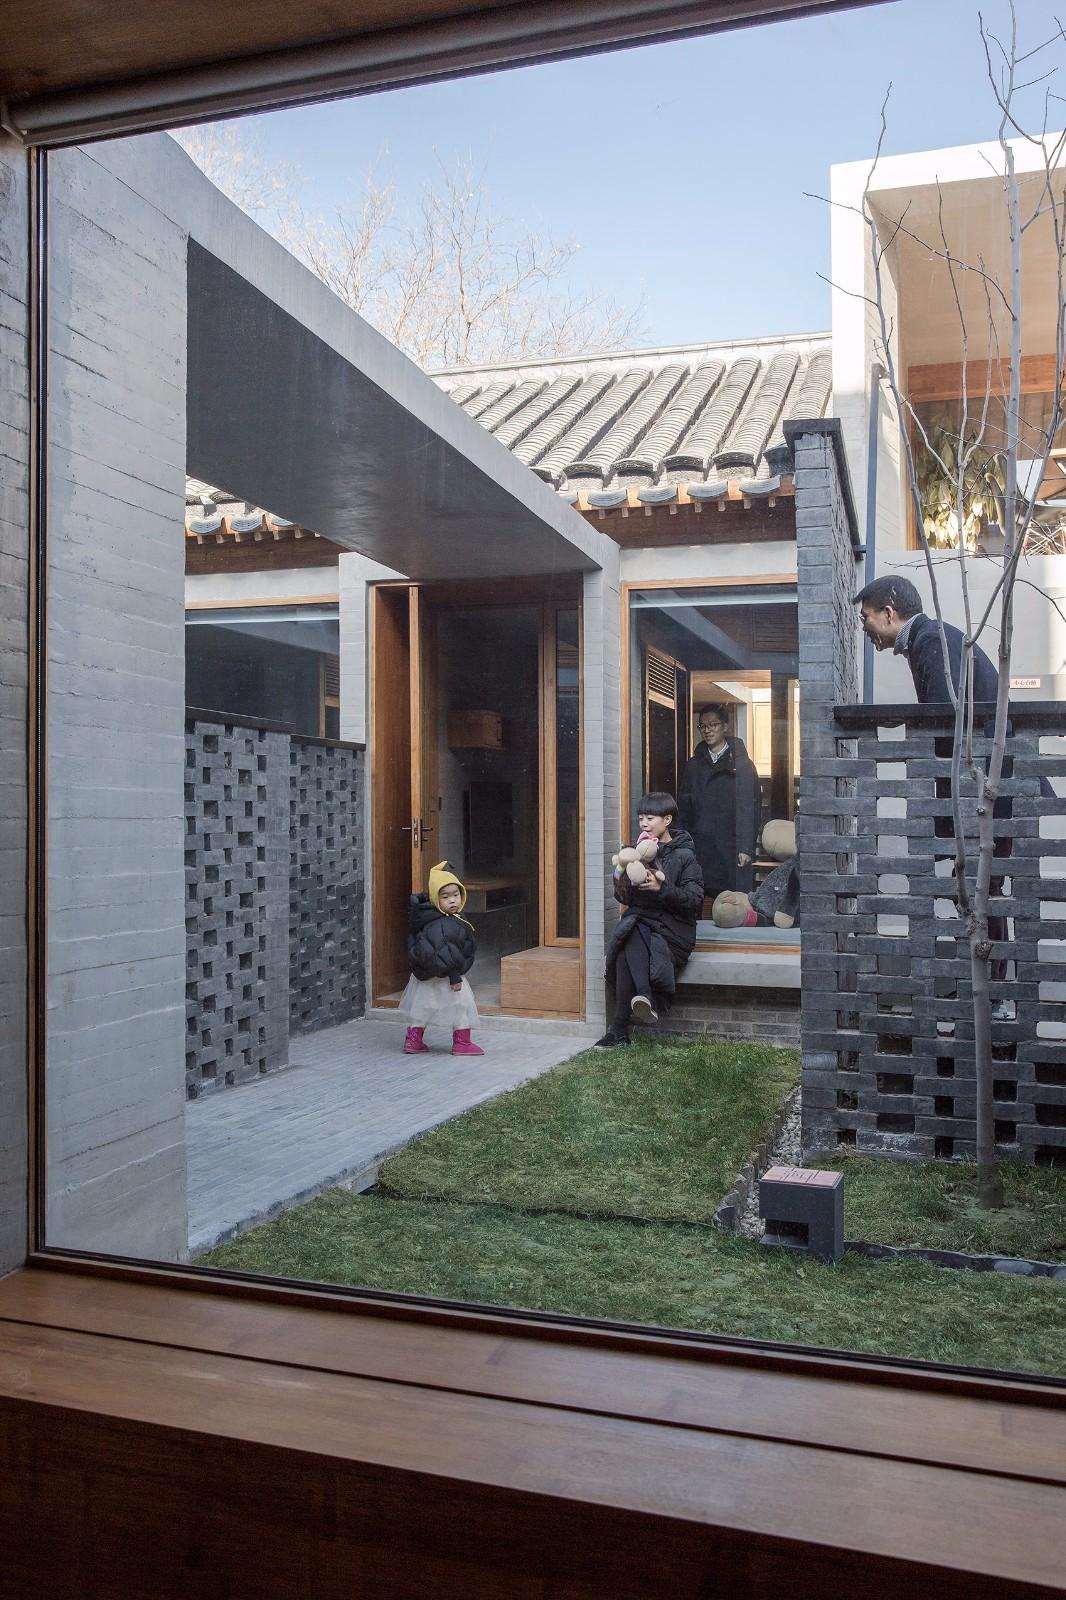 北京大院胡同28号改造建筑设计/李兴钢建筑工作室